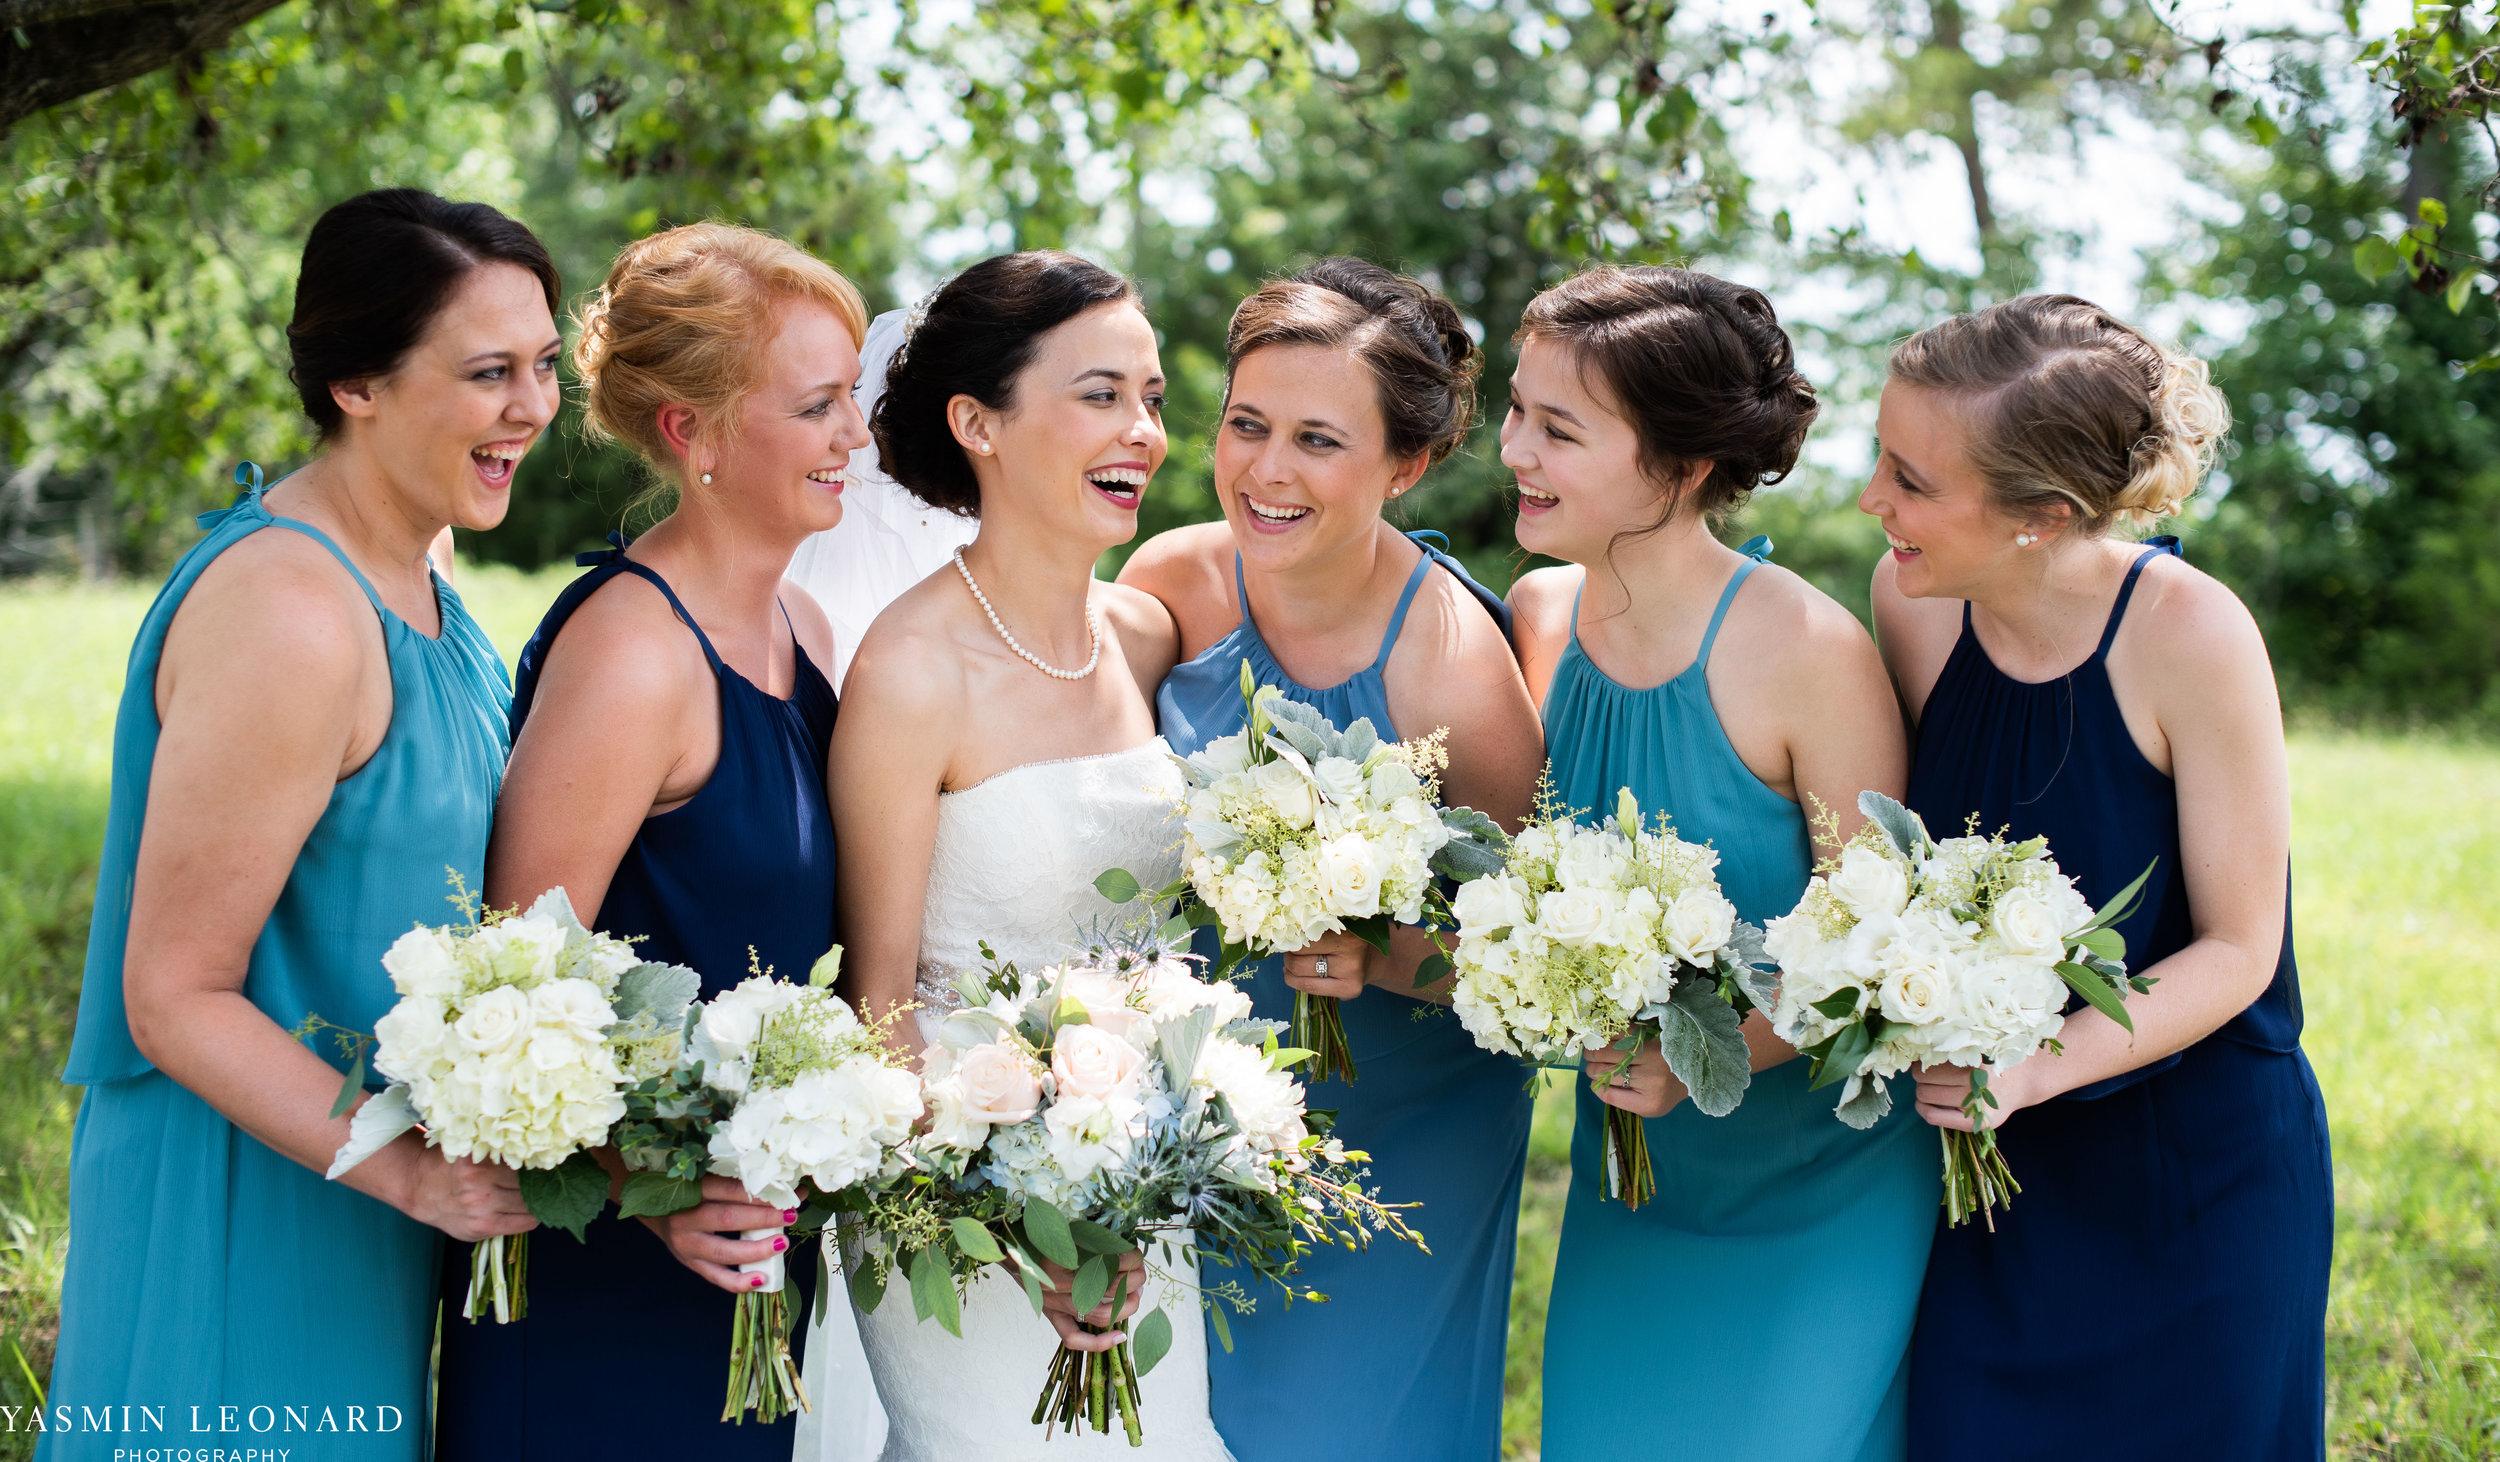 Mt. Pleasant Church - Church Wedding - Traditional Wedding - Church Ceremony - Country Wedding - Godly Wedding - NC Wedding Photographer - High Point Weddings - Triad Weddings - NC Venues-13.jpg